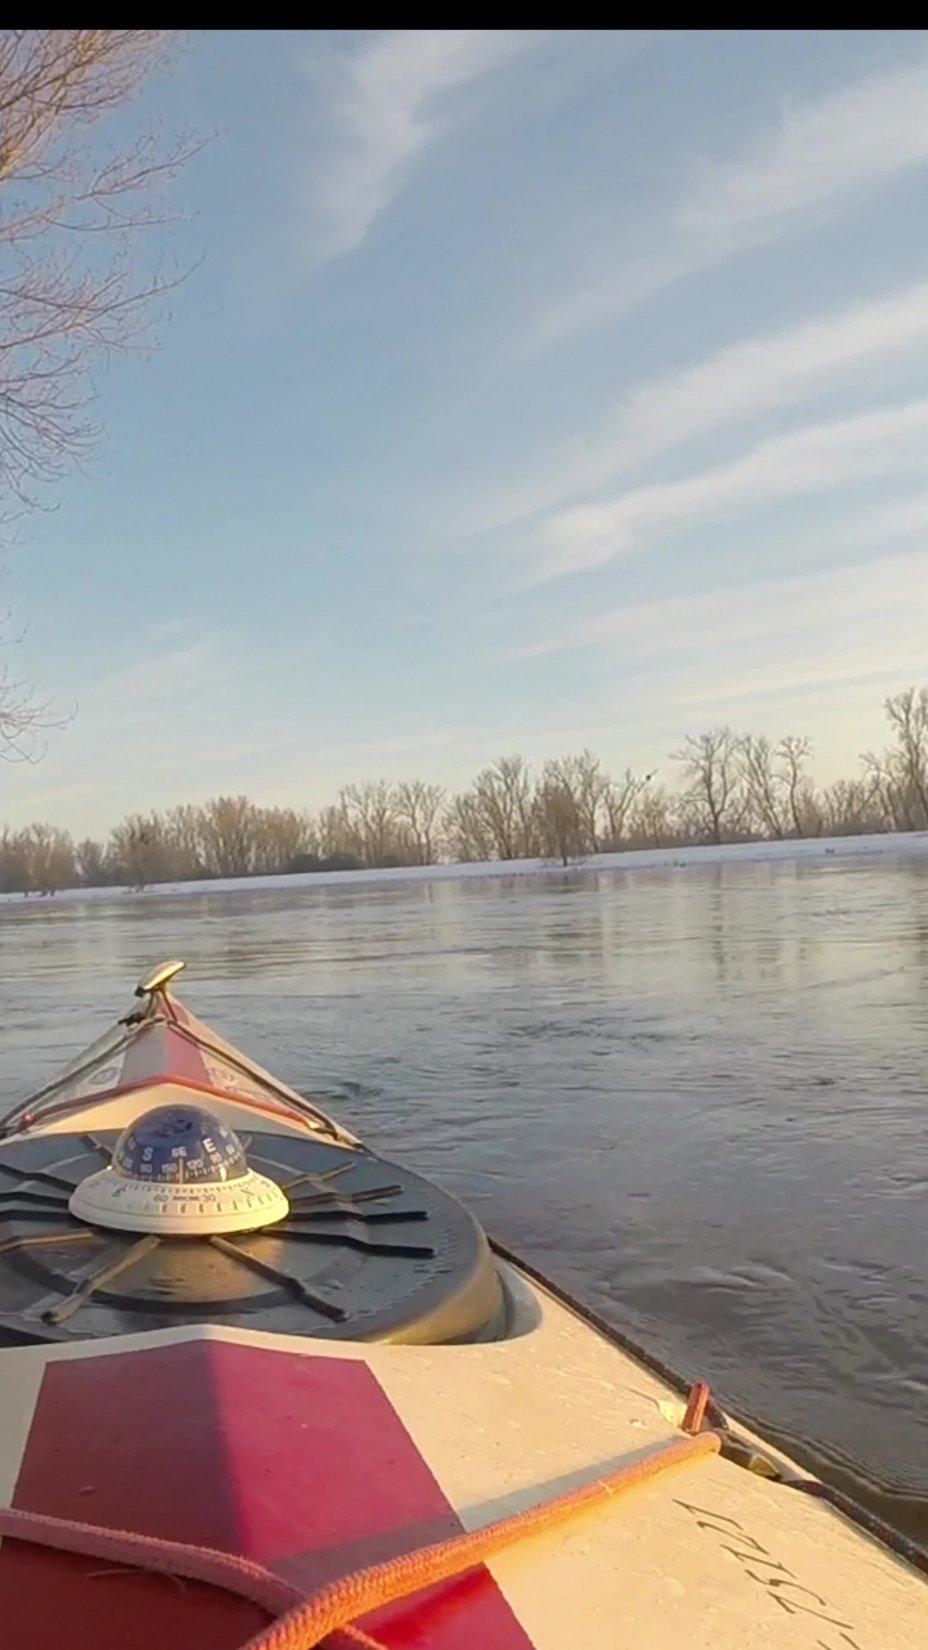 Begegnungen auf der winterlichen Elbe 14.02.2021